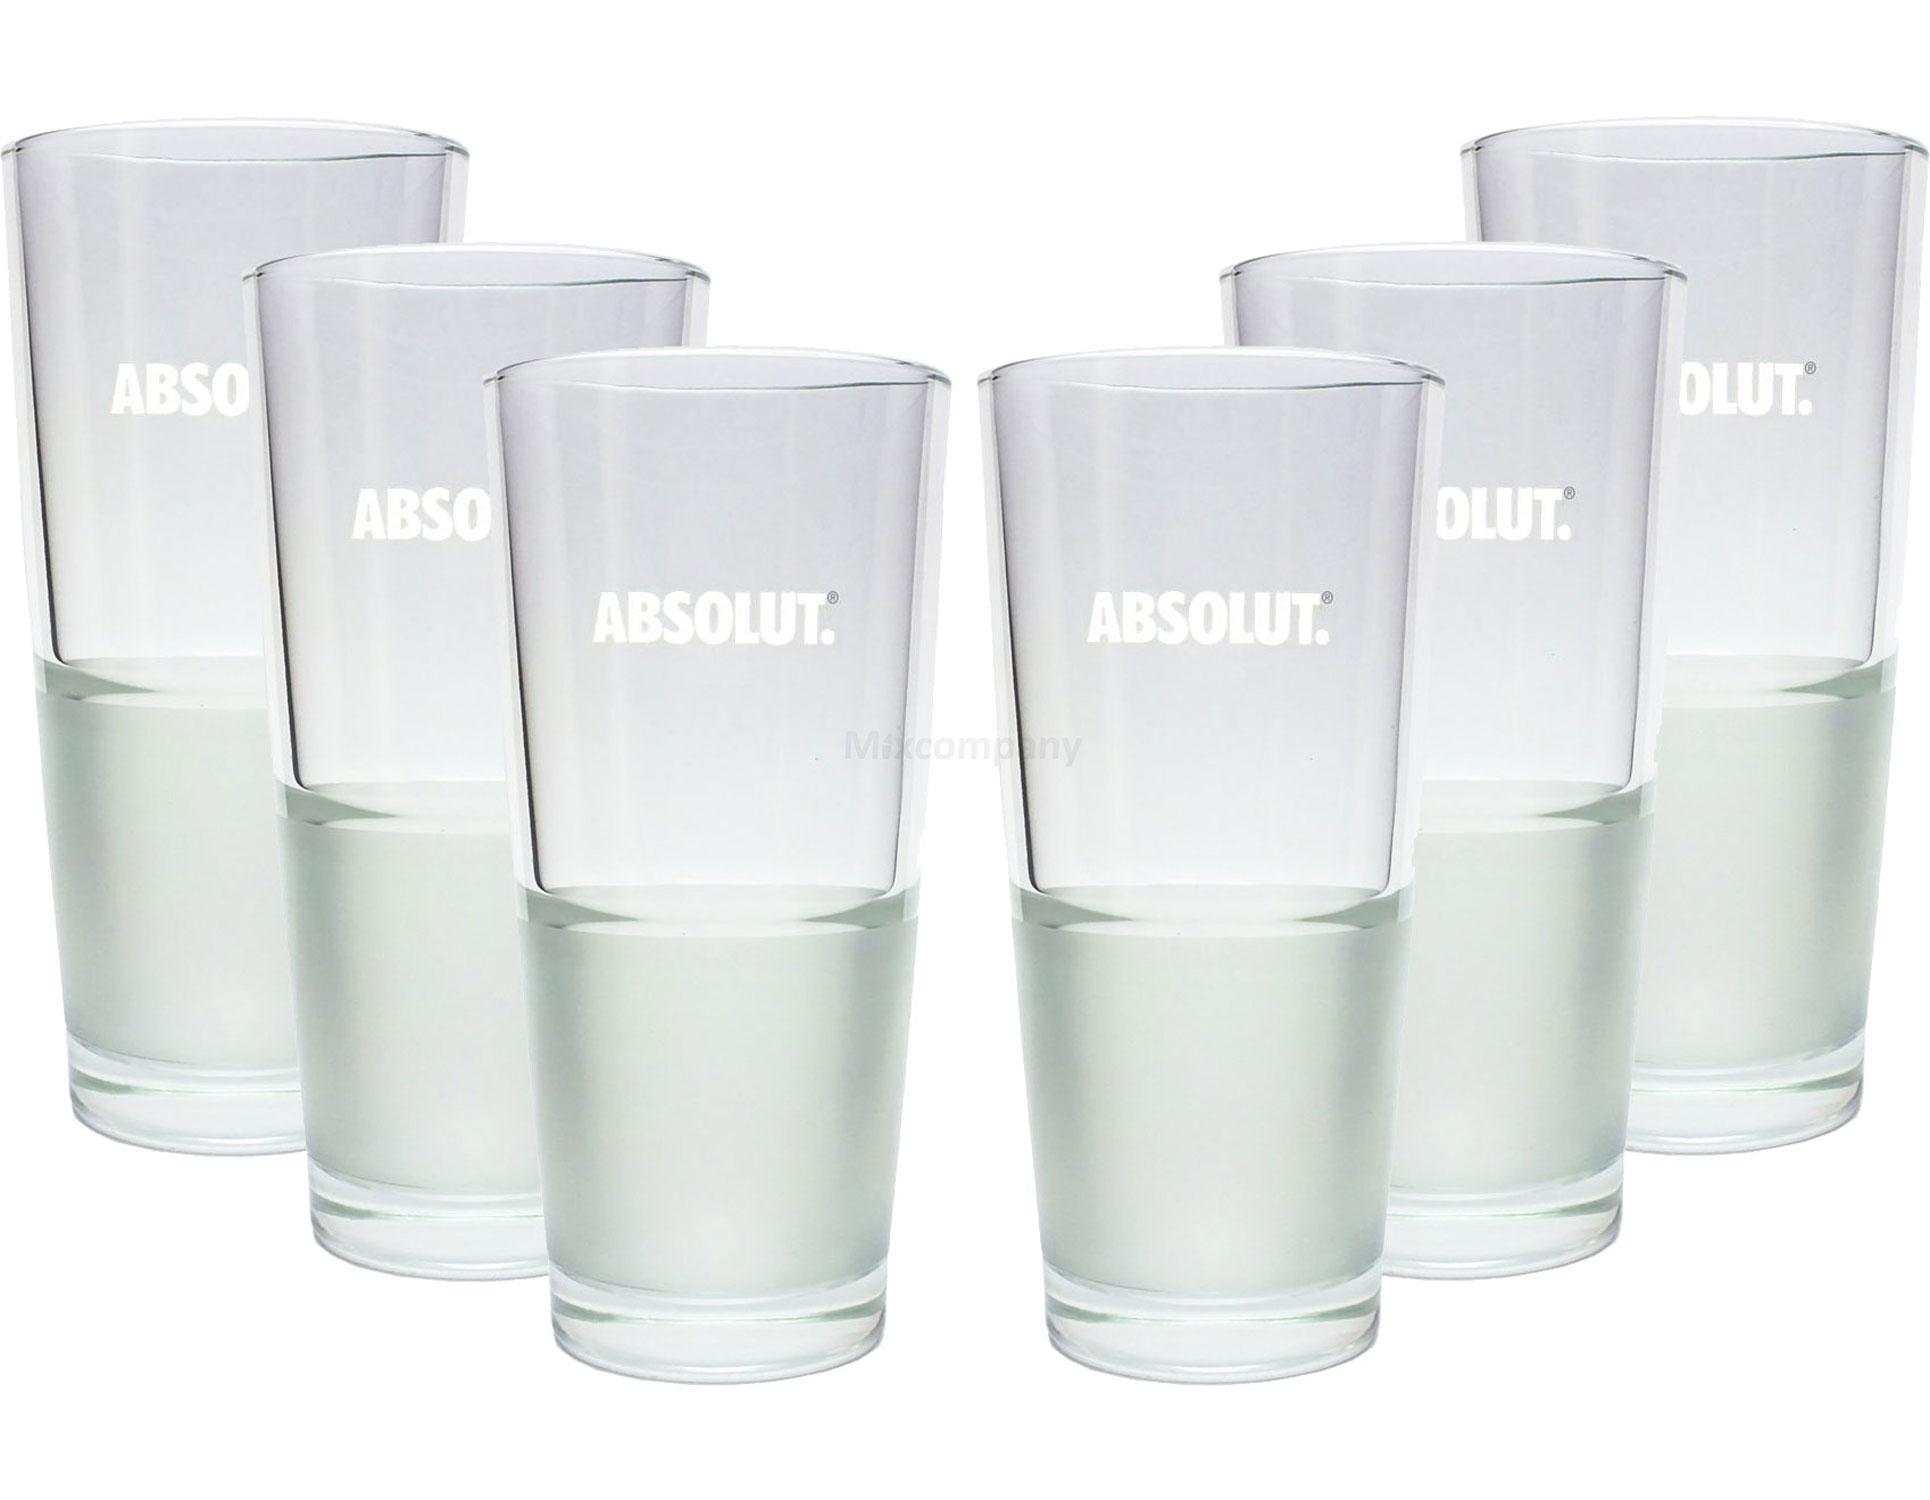 Absolut Vodka Frozen Glas Gläser-Set - 6x Longdrink Gläser